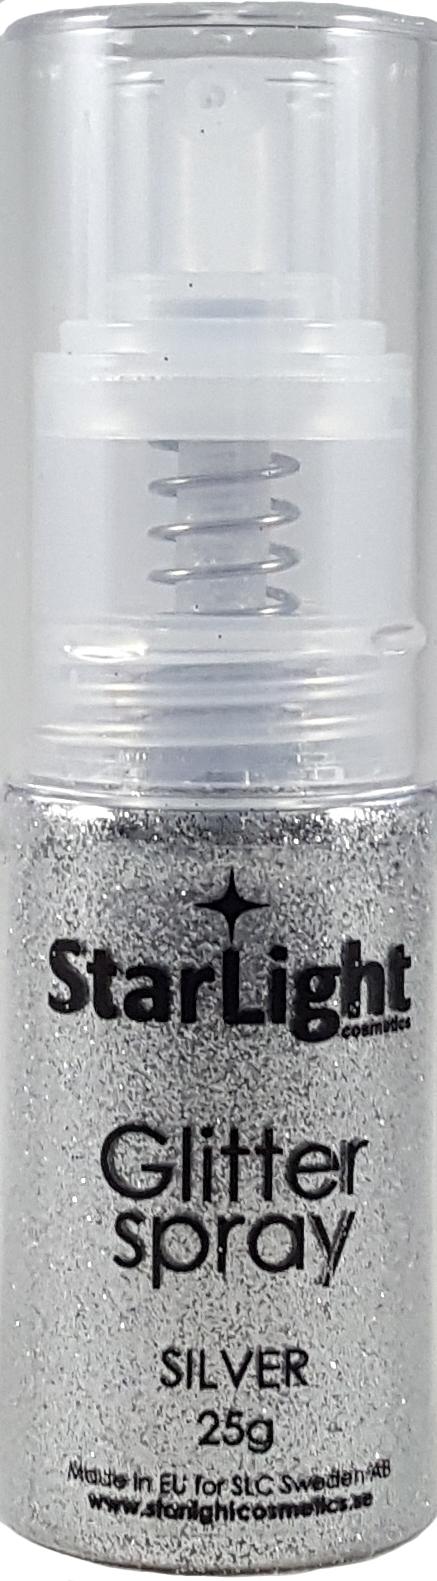 Naglar Glitter Spray Silver - 25 gram